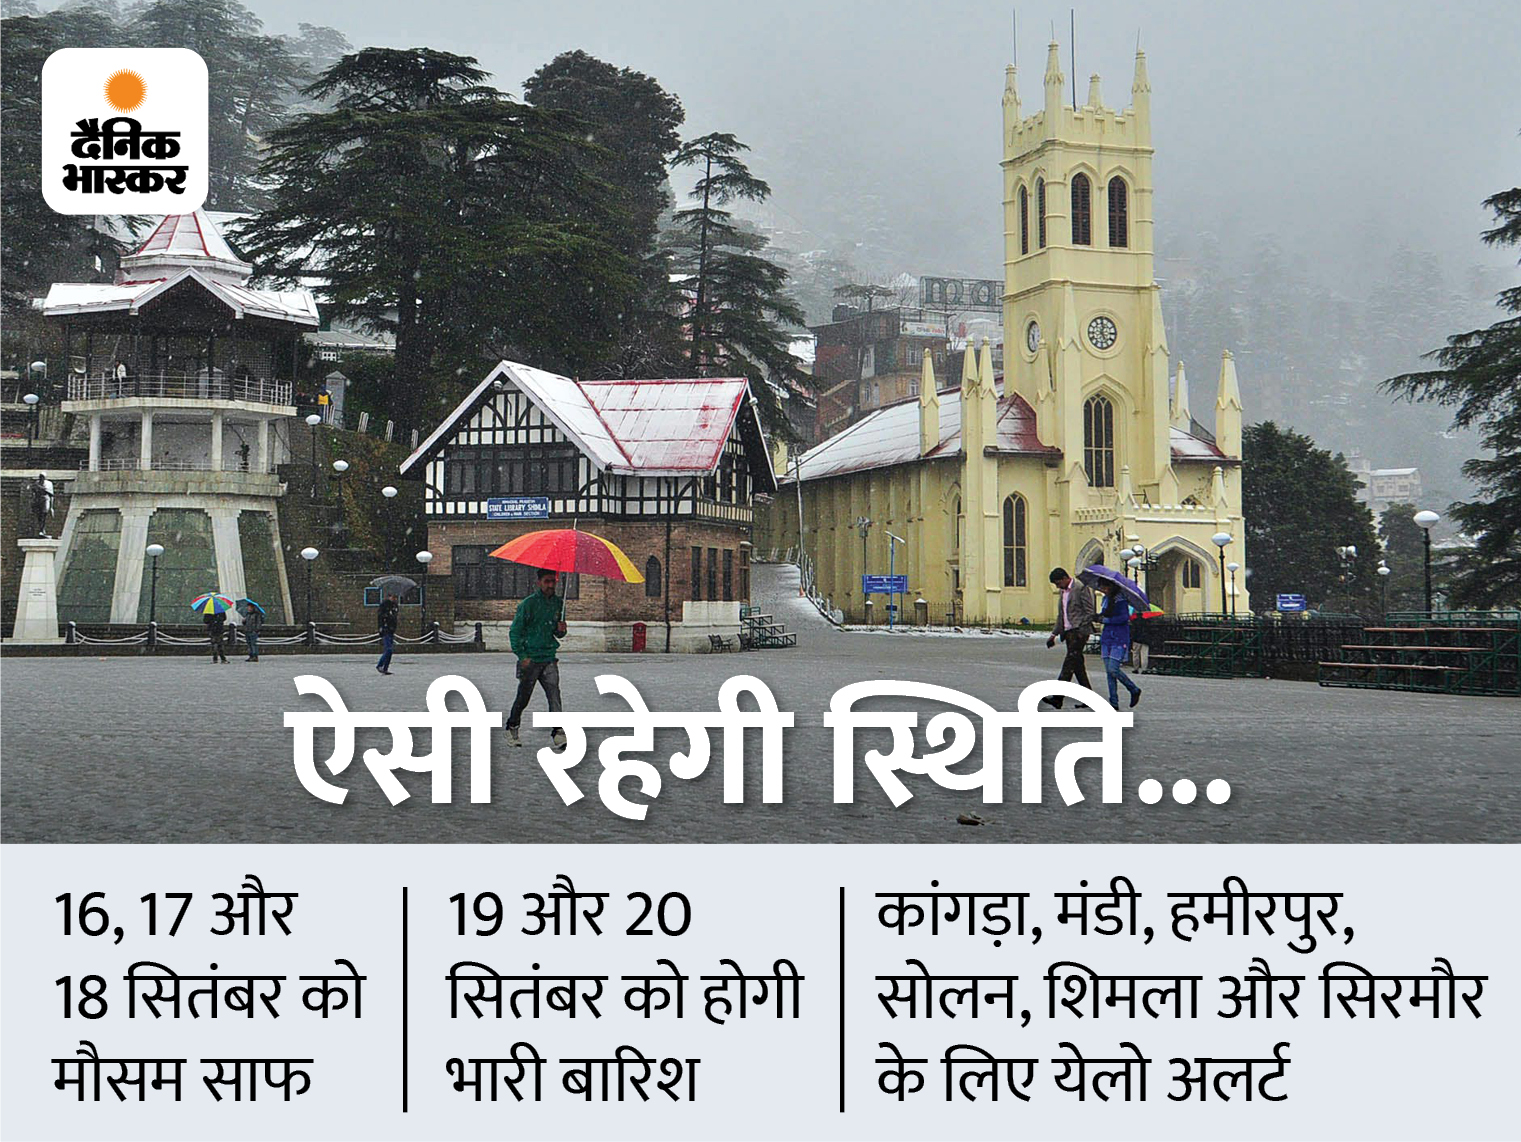 19 और 20 सितंबर को हिमाचल में भारी बारिश का येलो अलर्ट जारी; 5 जिलों के लोगों से अपील- सावधानी बरतें|शिमला,Shimla - Dainik Bhaskar